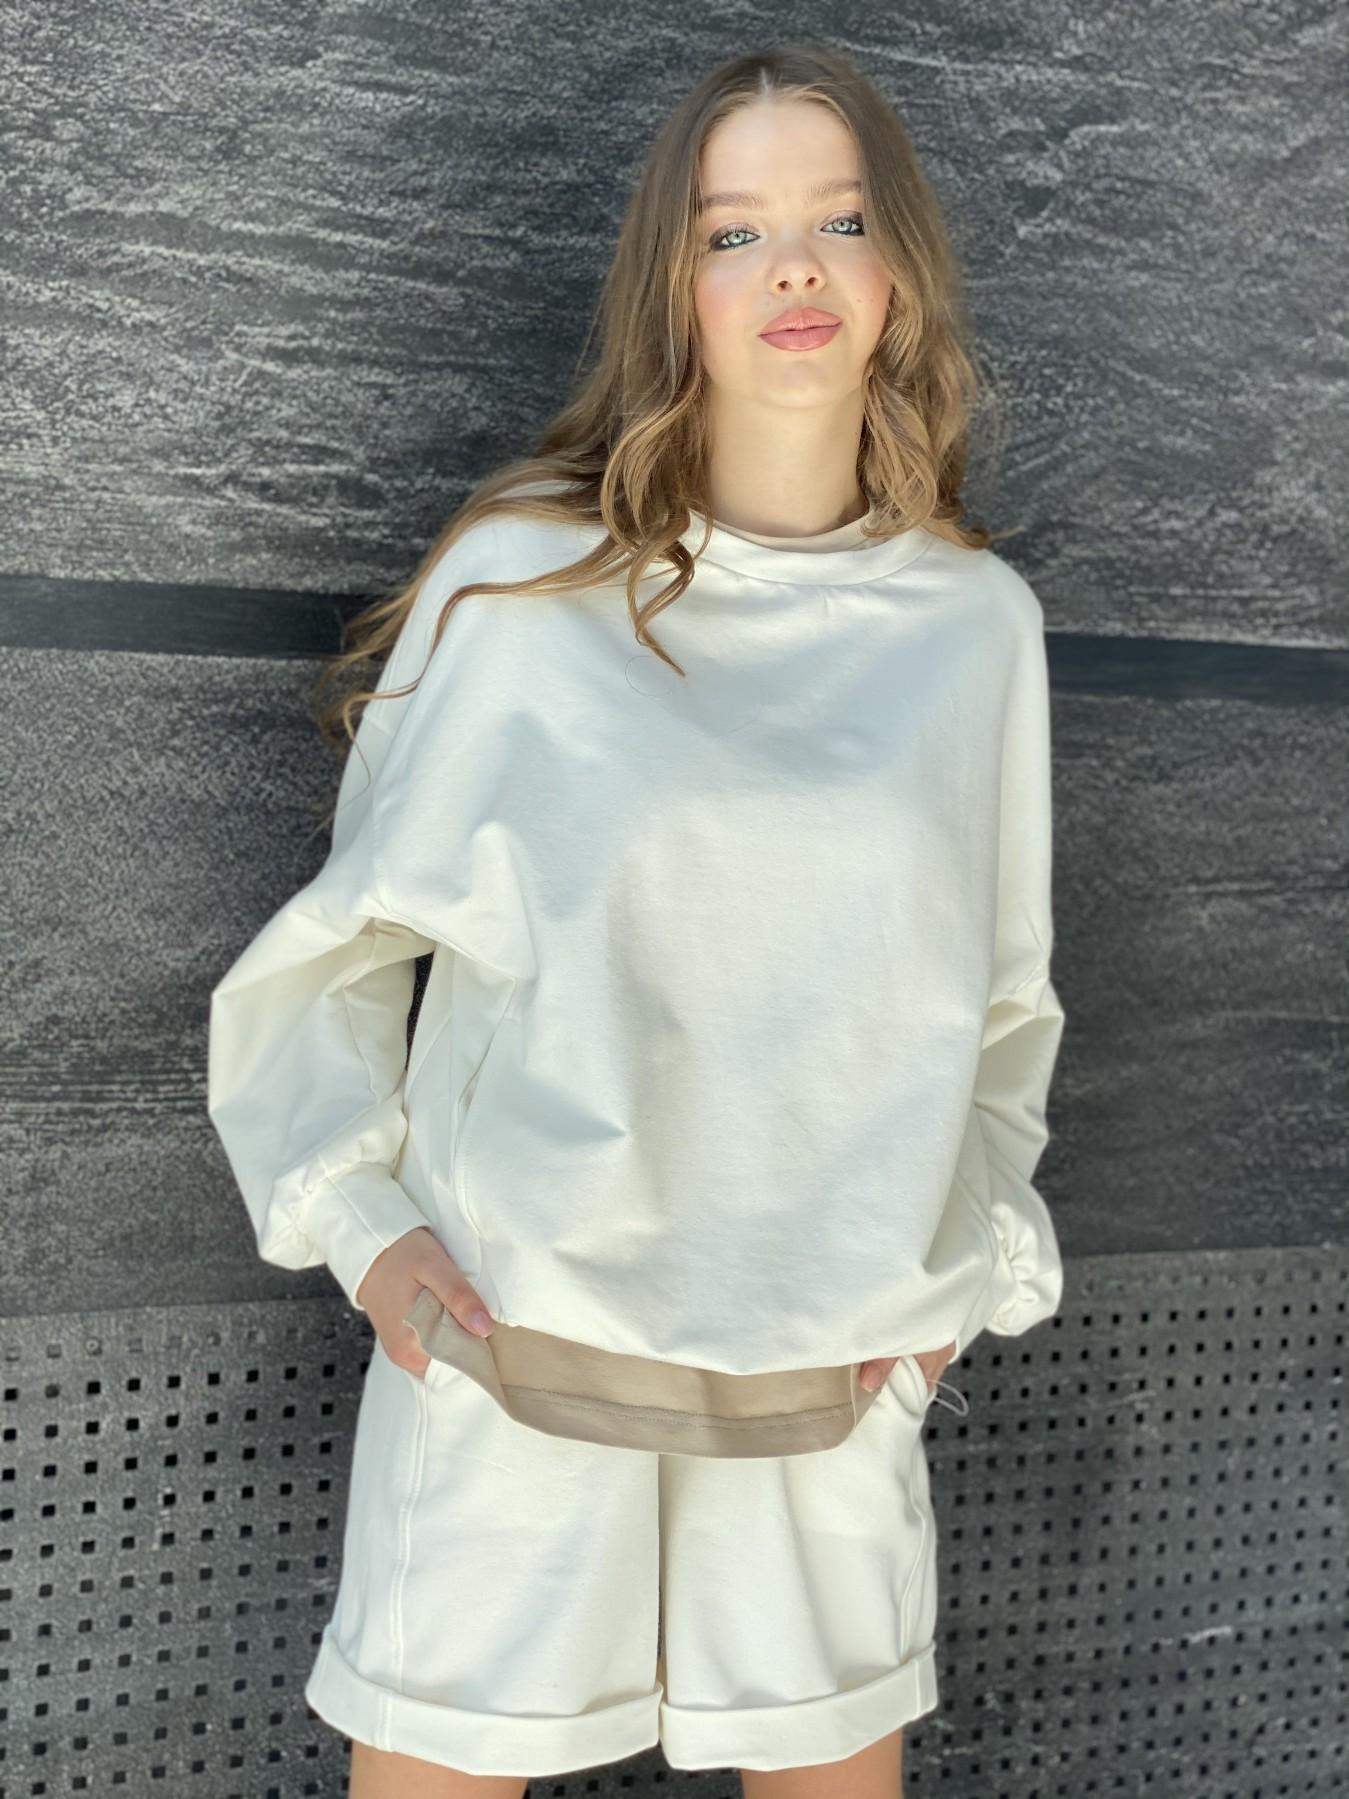 Фарт 4 костюм трикотажный 2х нитка из вискозы 11363 АРТ. 48121 Цвет: Молоко/Бежевый - фото 8, интернет магазин tm-modus.ru